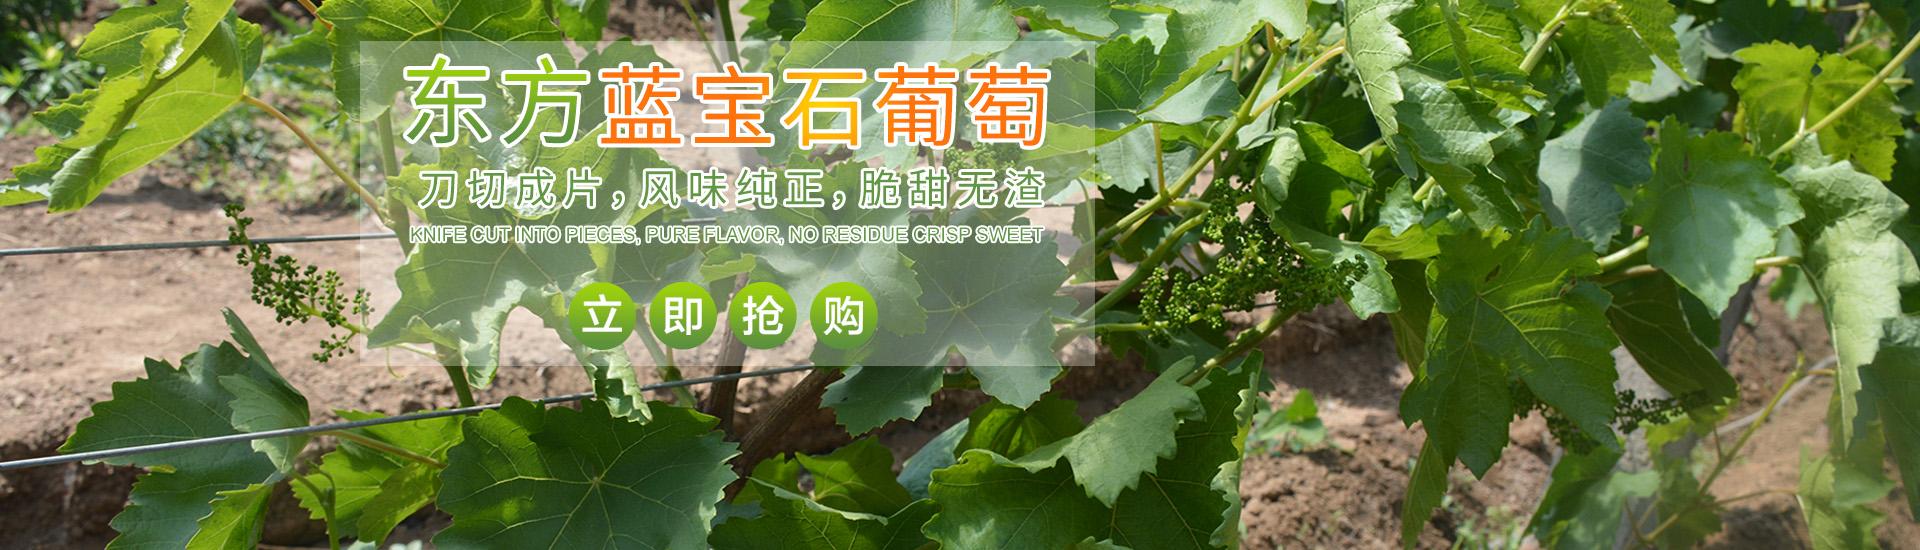 東方藍寶石葡萄